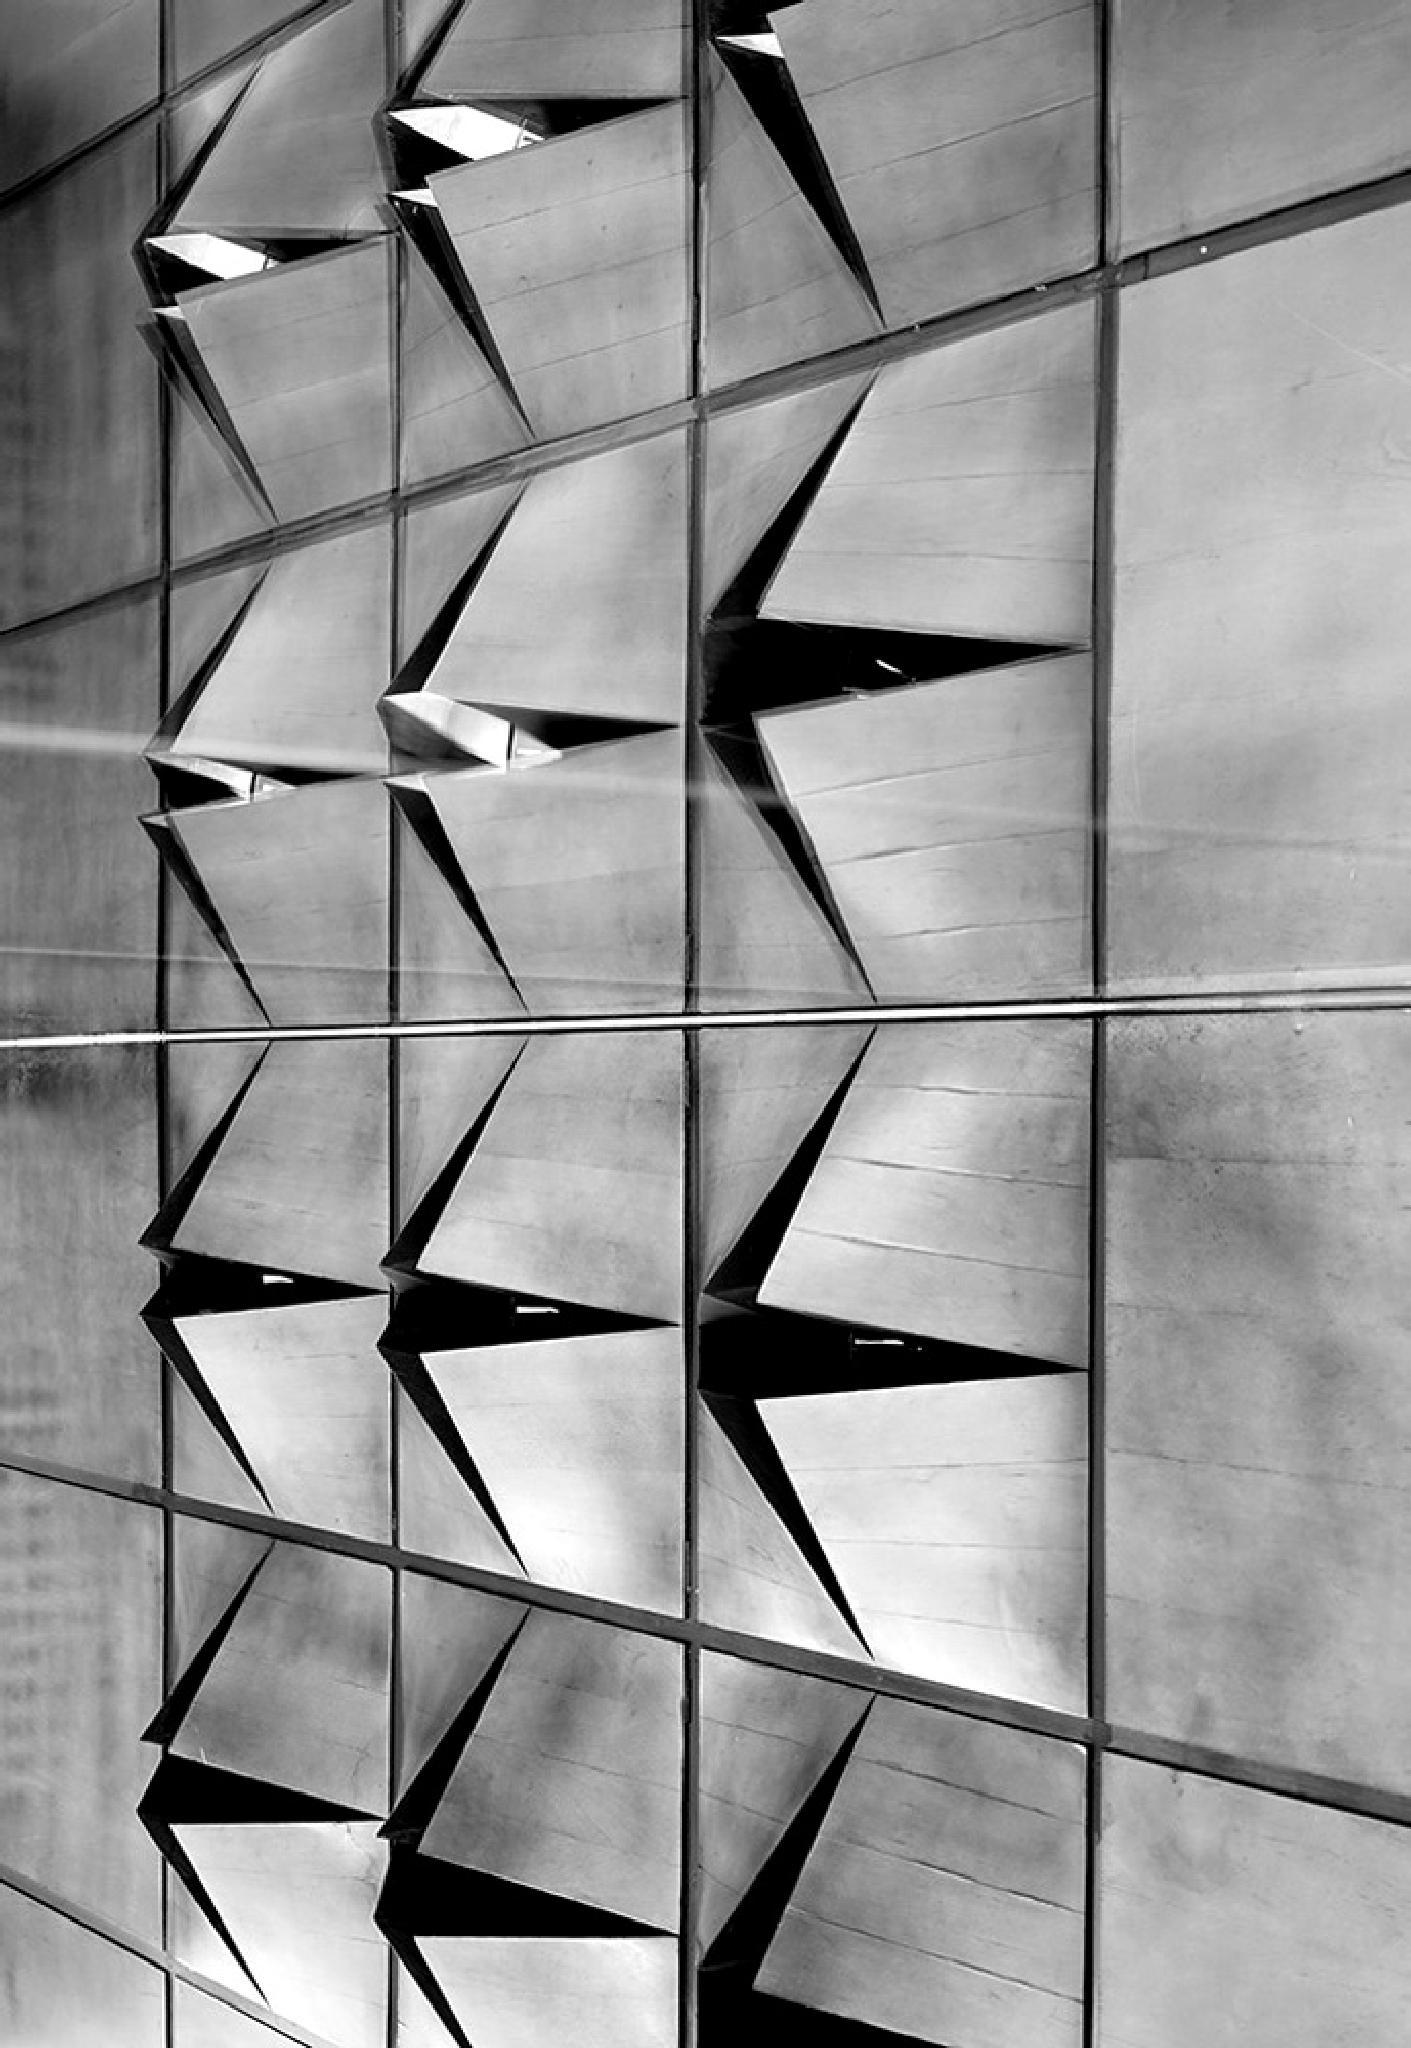 façade by juanferragut679